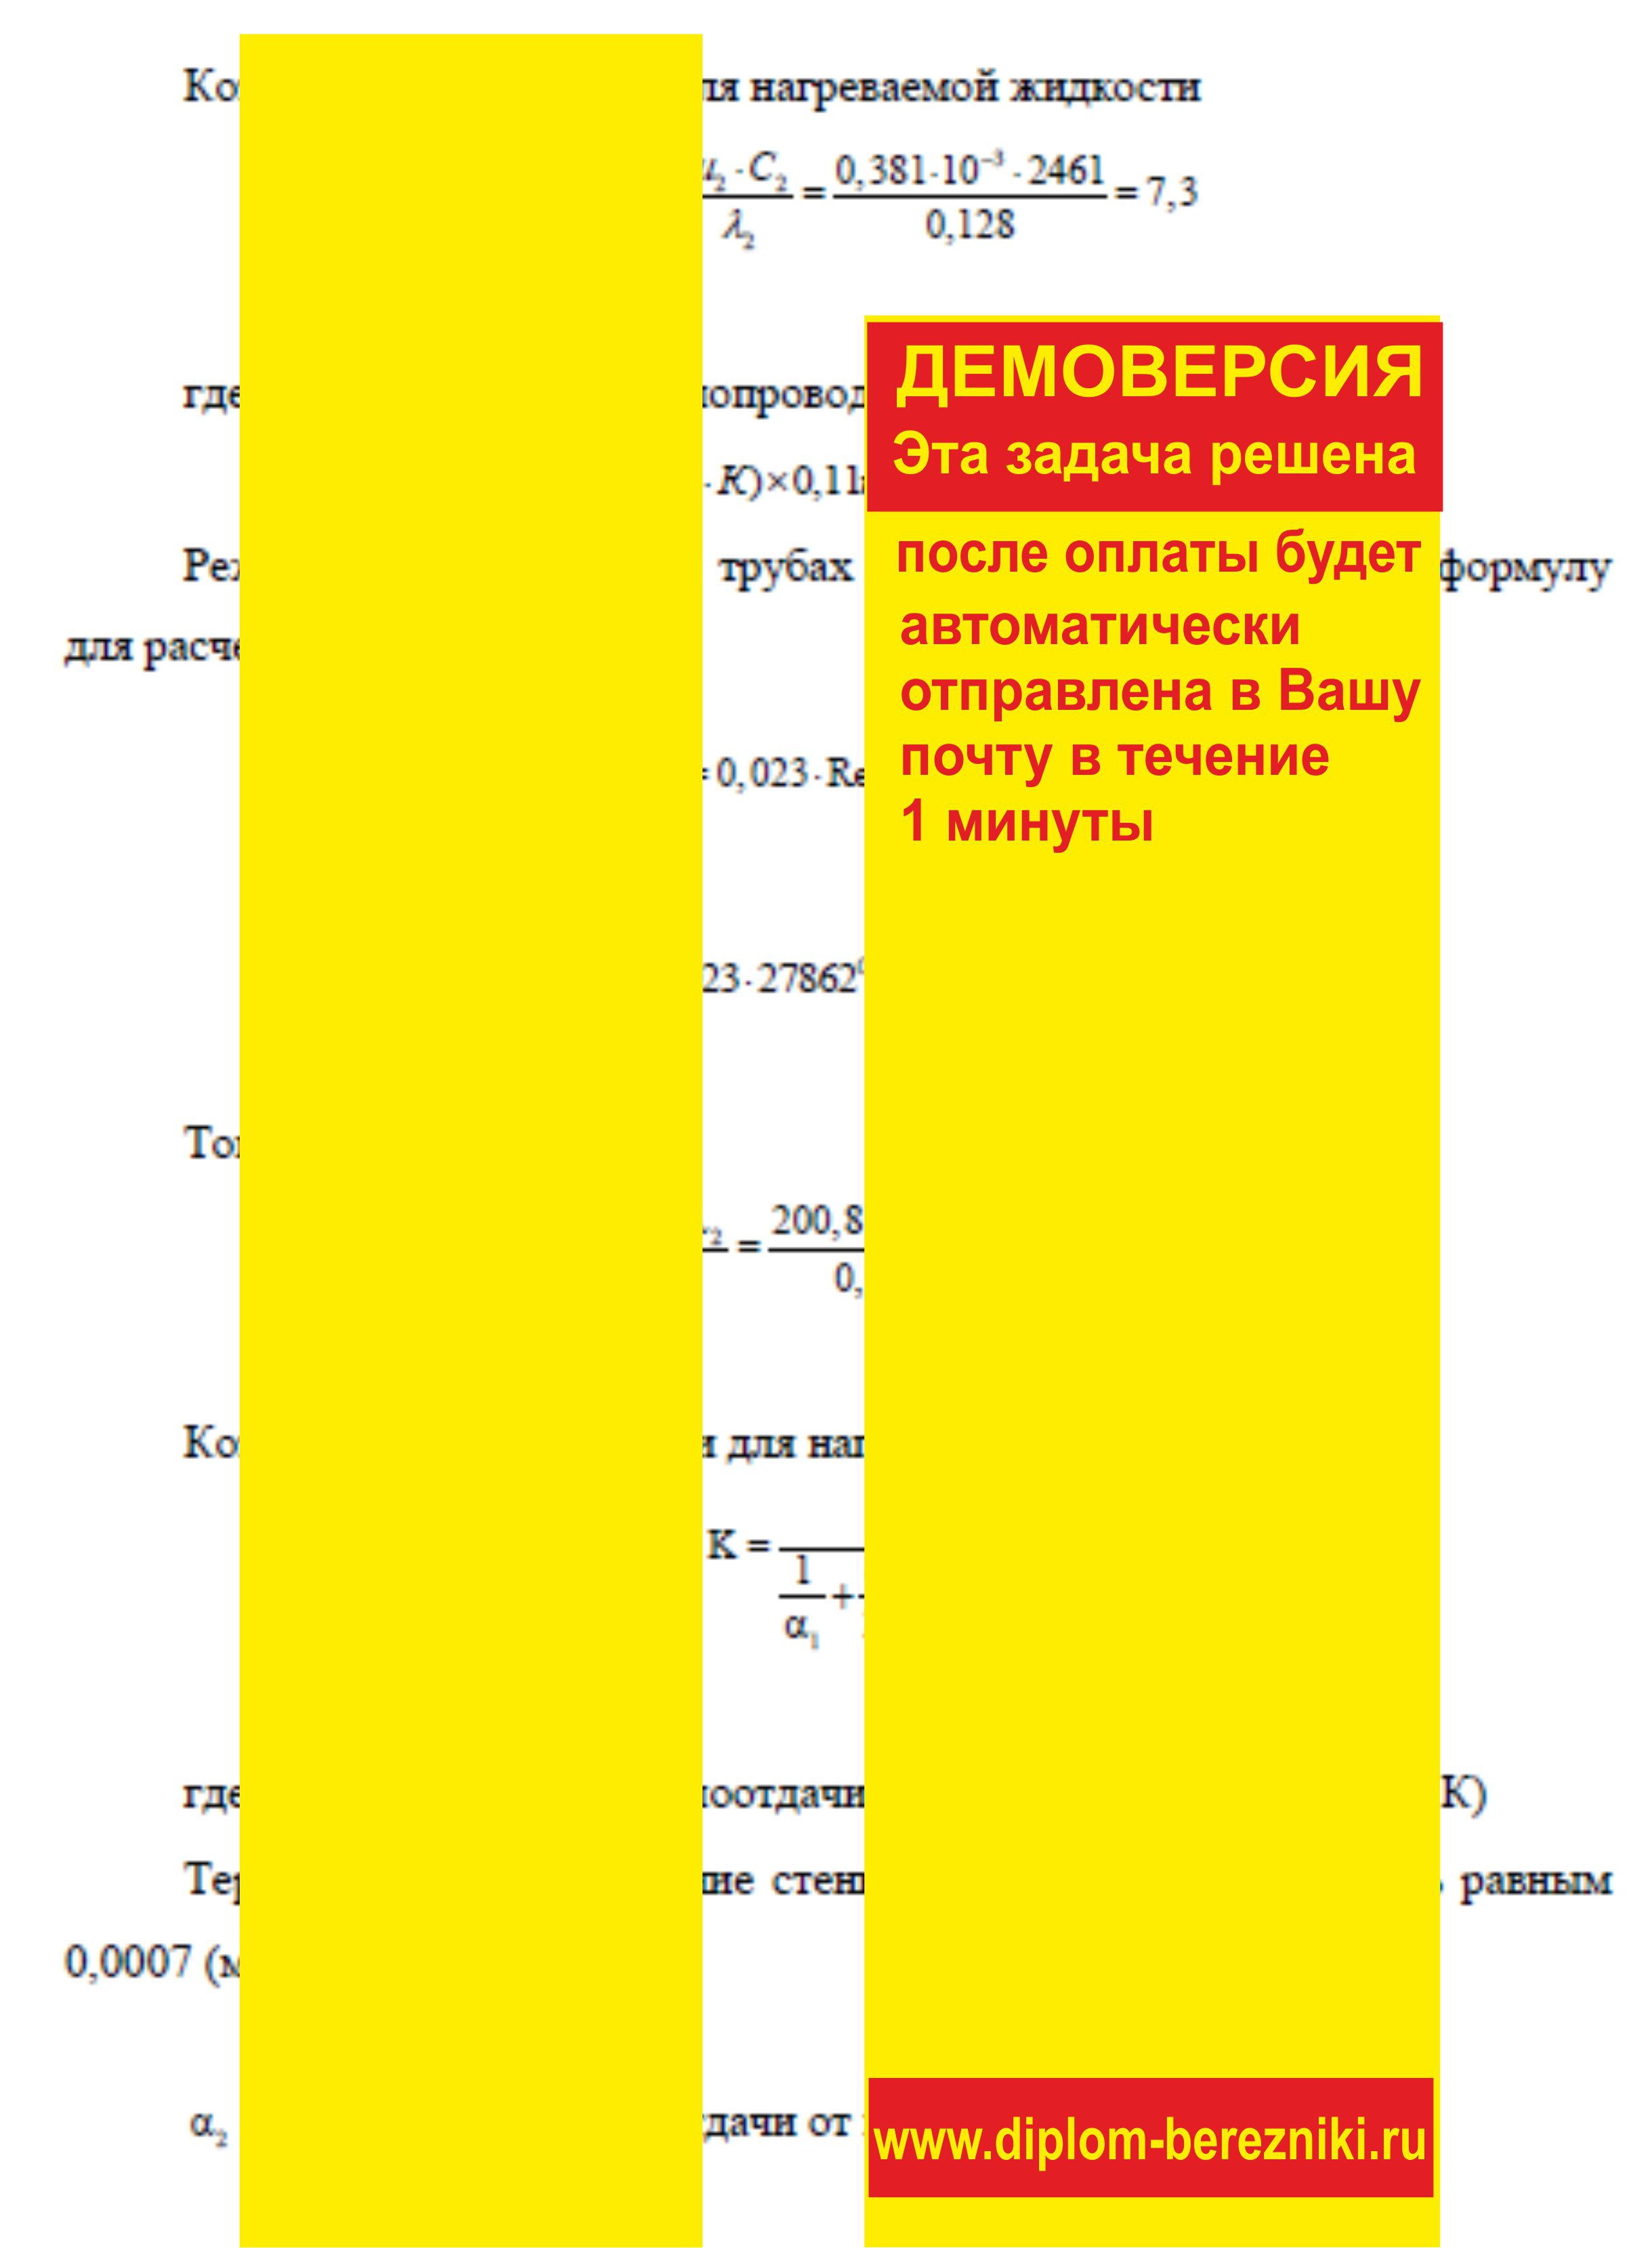 Решение задачи 4.47 по ПАХТ из задачника Павлова Романкова Носкова